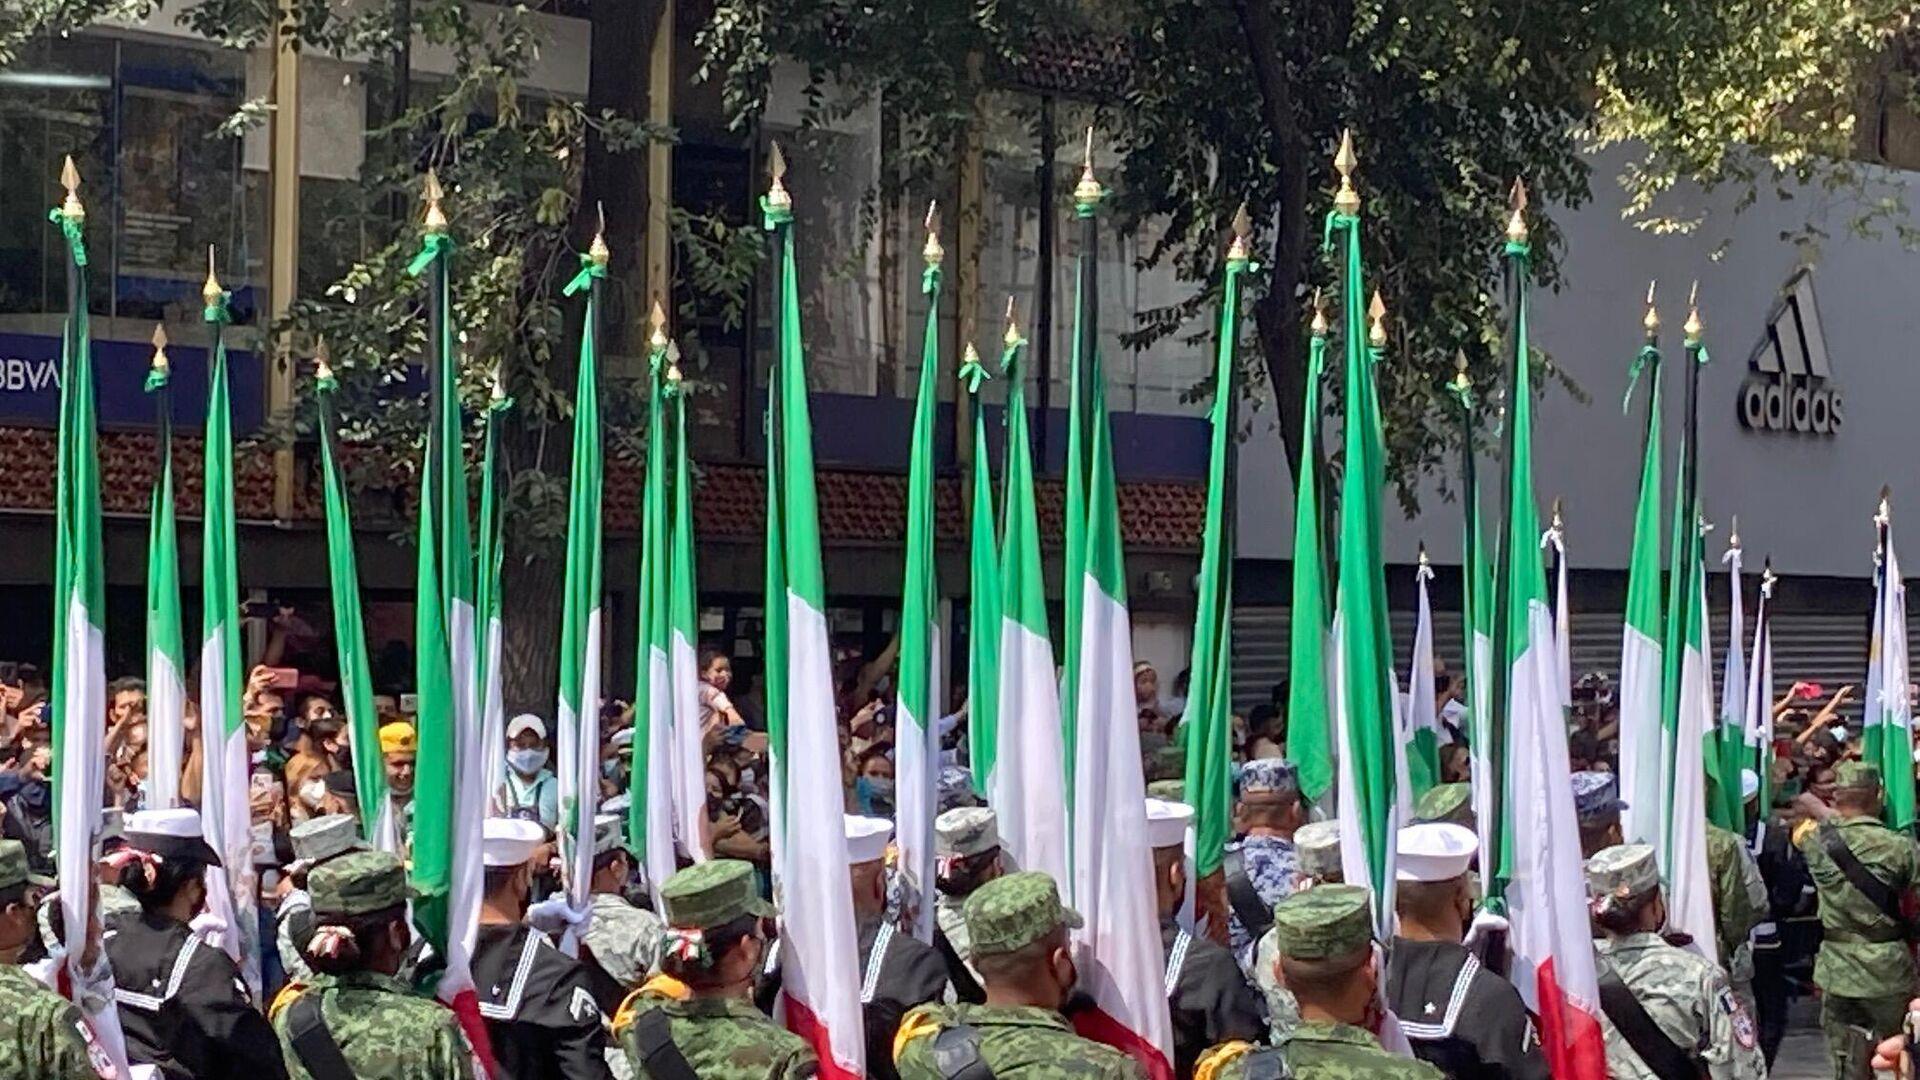 El desfile militar en la Ciudad de México para conmemorar los 211 años de vida independiente de México - Sputnik Mundo, 1920, 17.09.2021